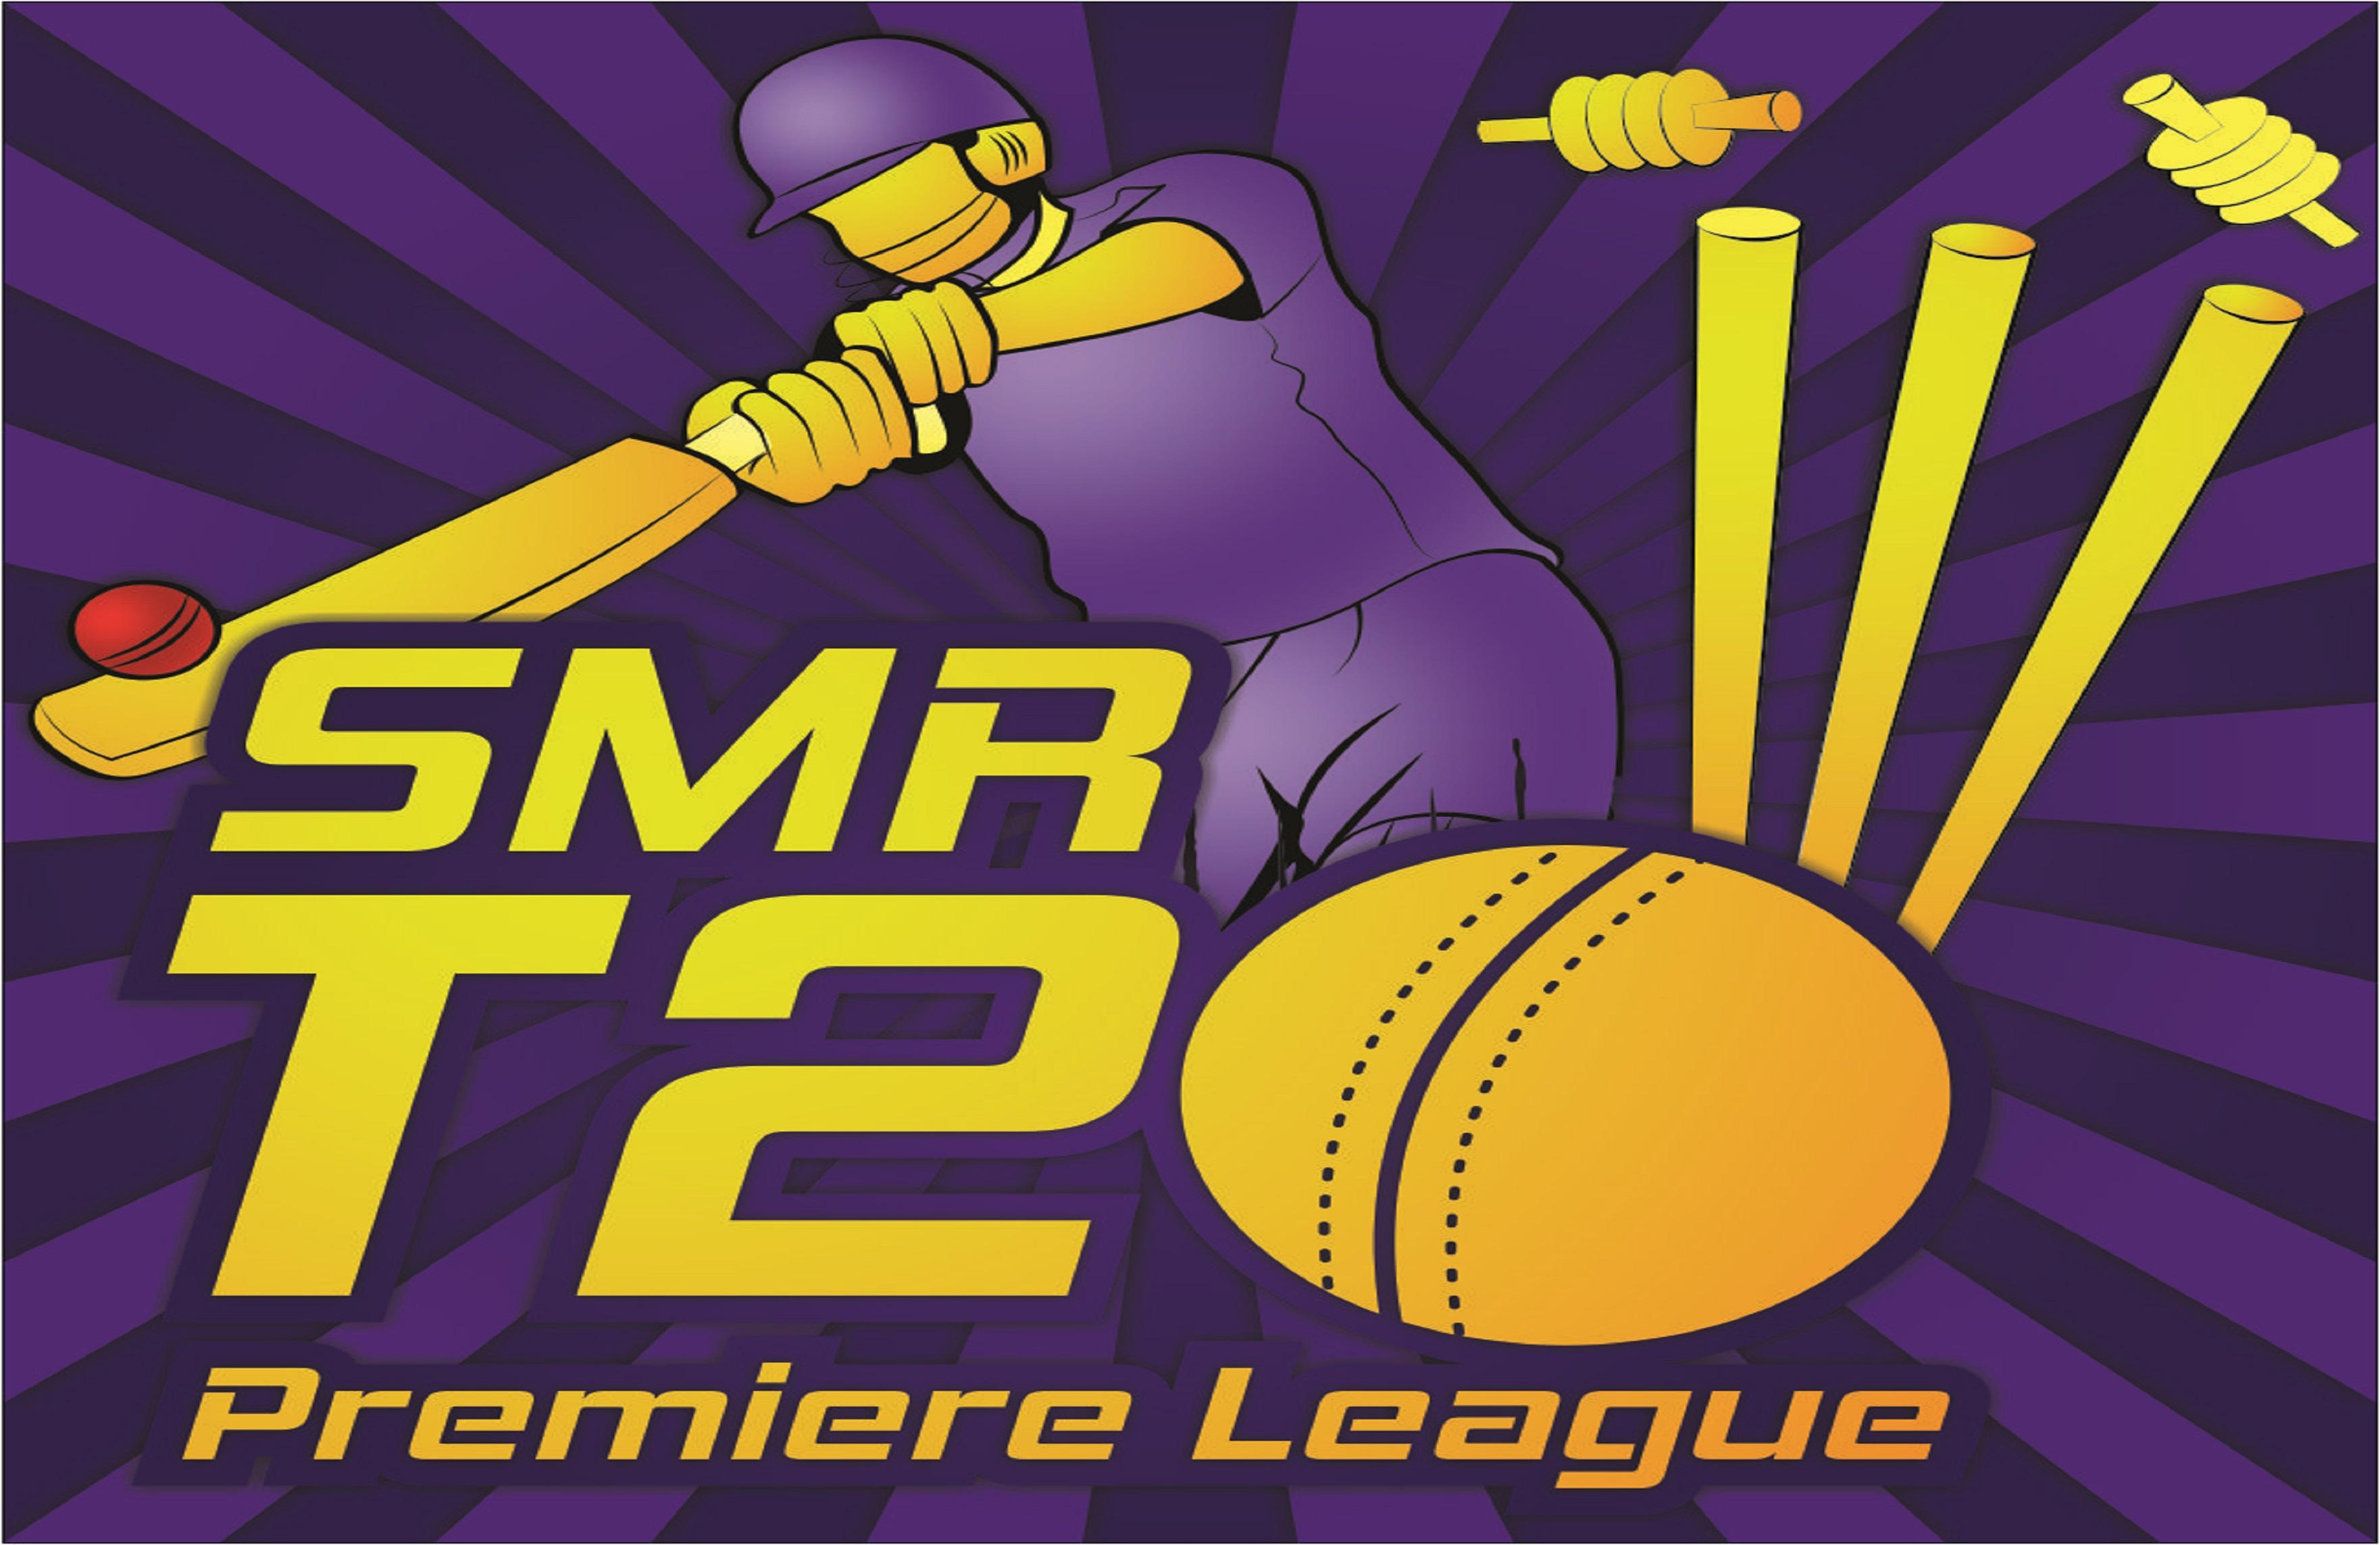 SMR Premier League 2018